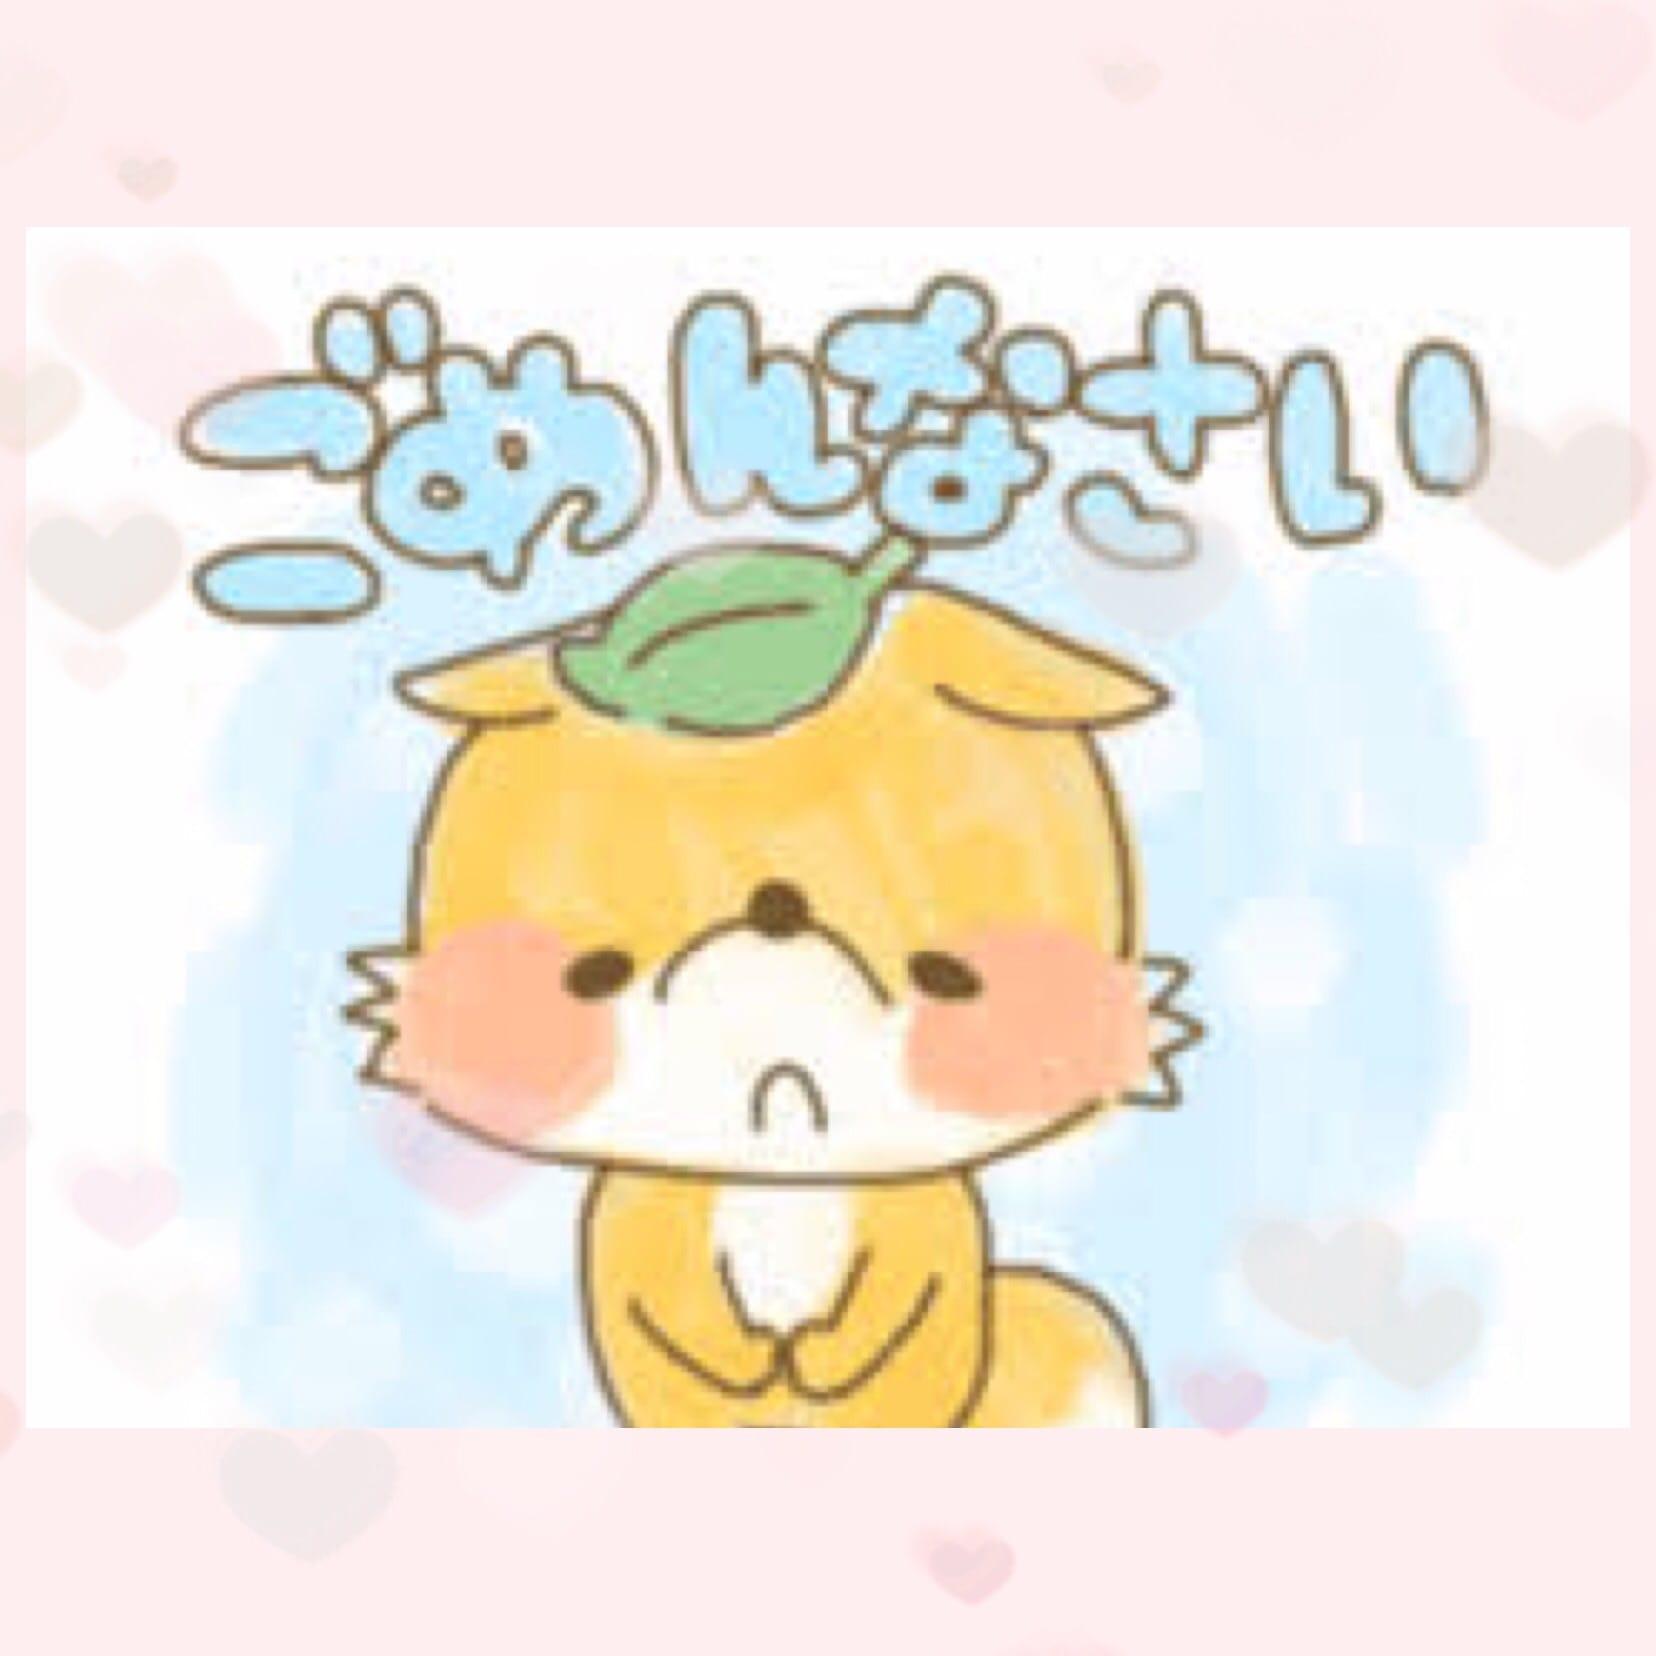 「変更( ・ ・̥ )」01/17(01/17) 12:22   五十嵐 夏未の写メ・風俗動画